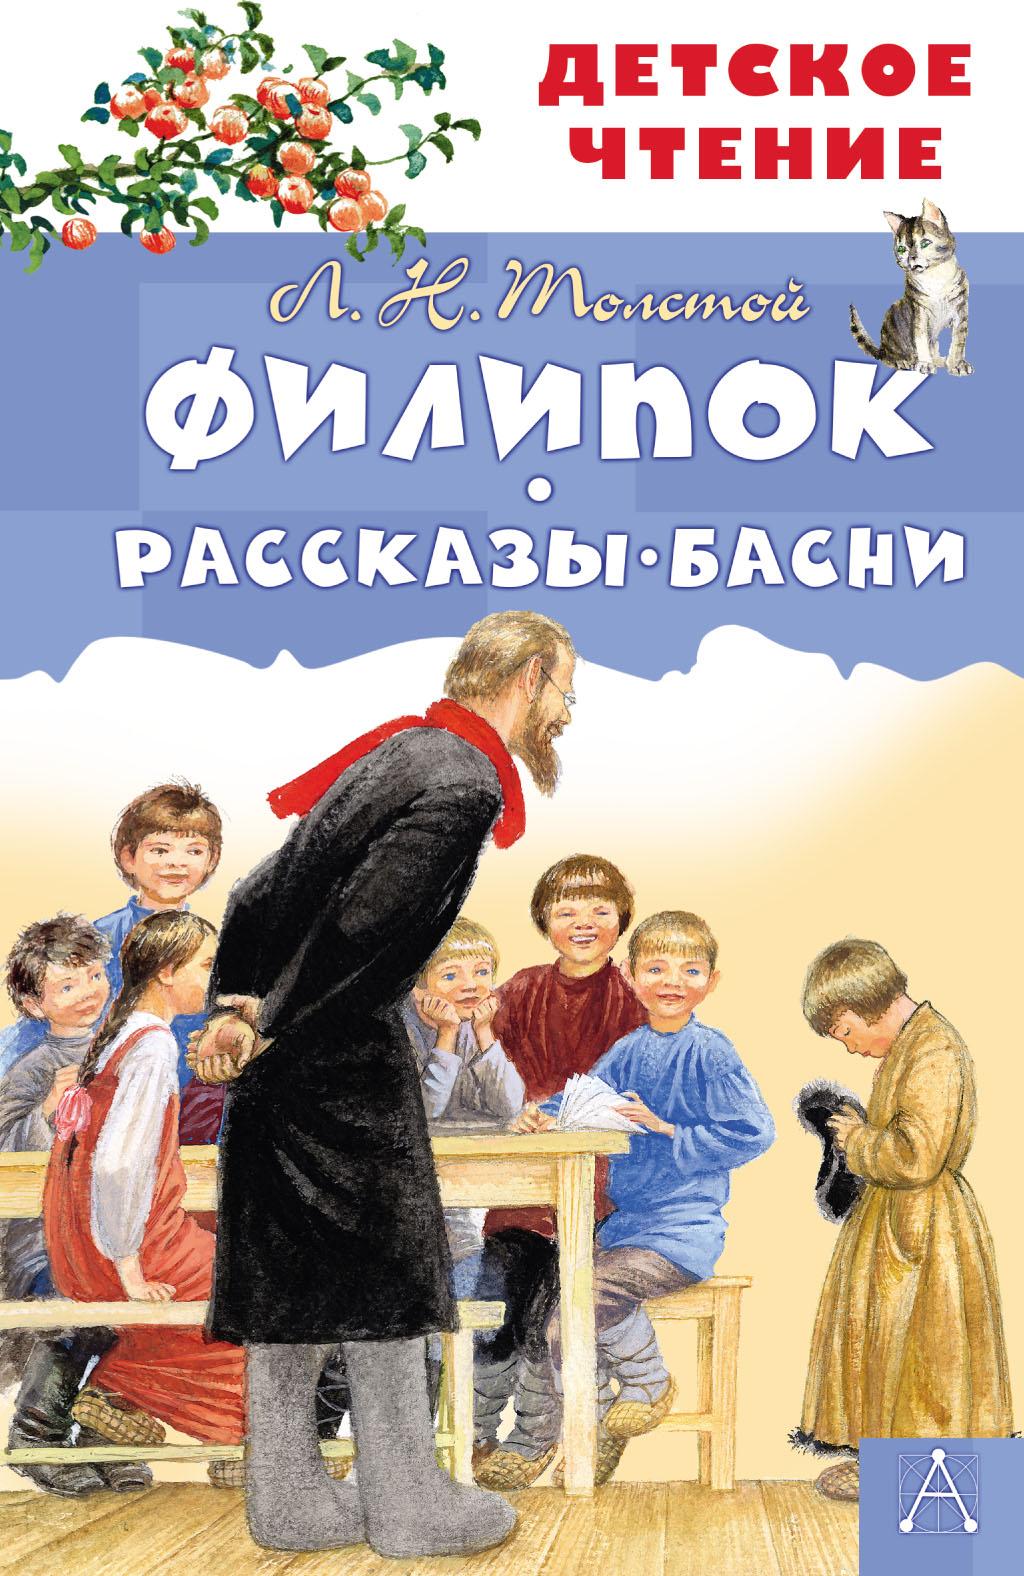 Купить книгу Филипок. Рассказы. Басни, автора Льва Толстого